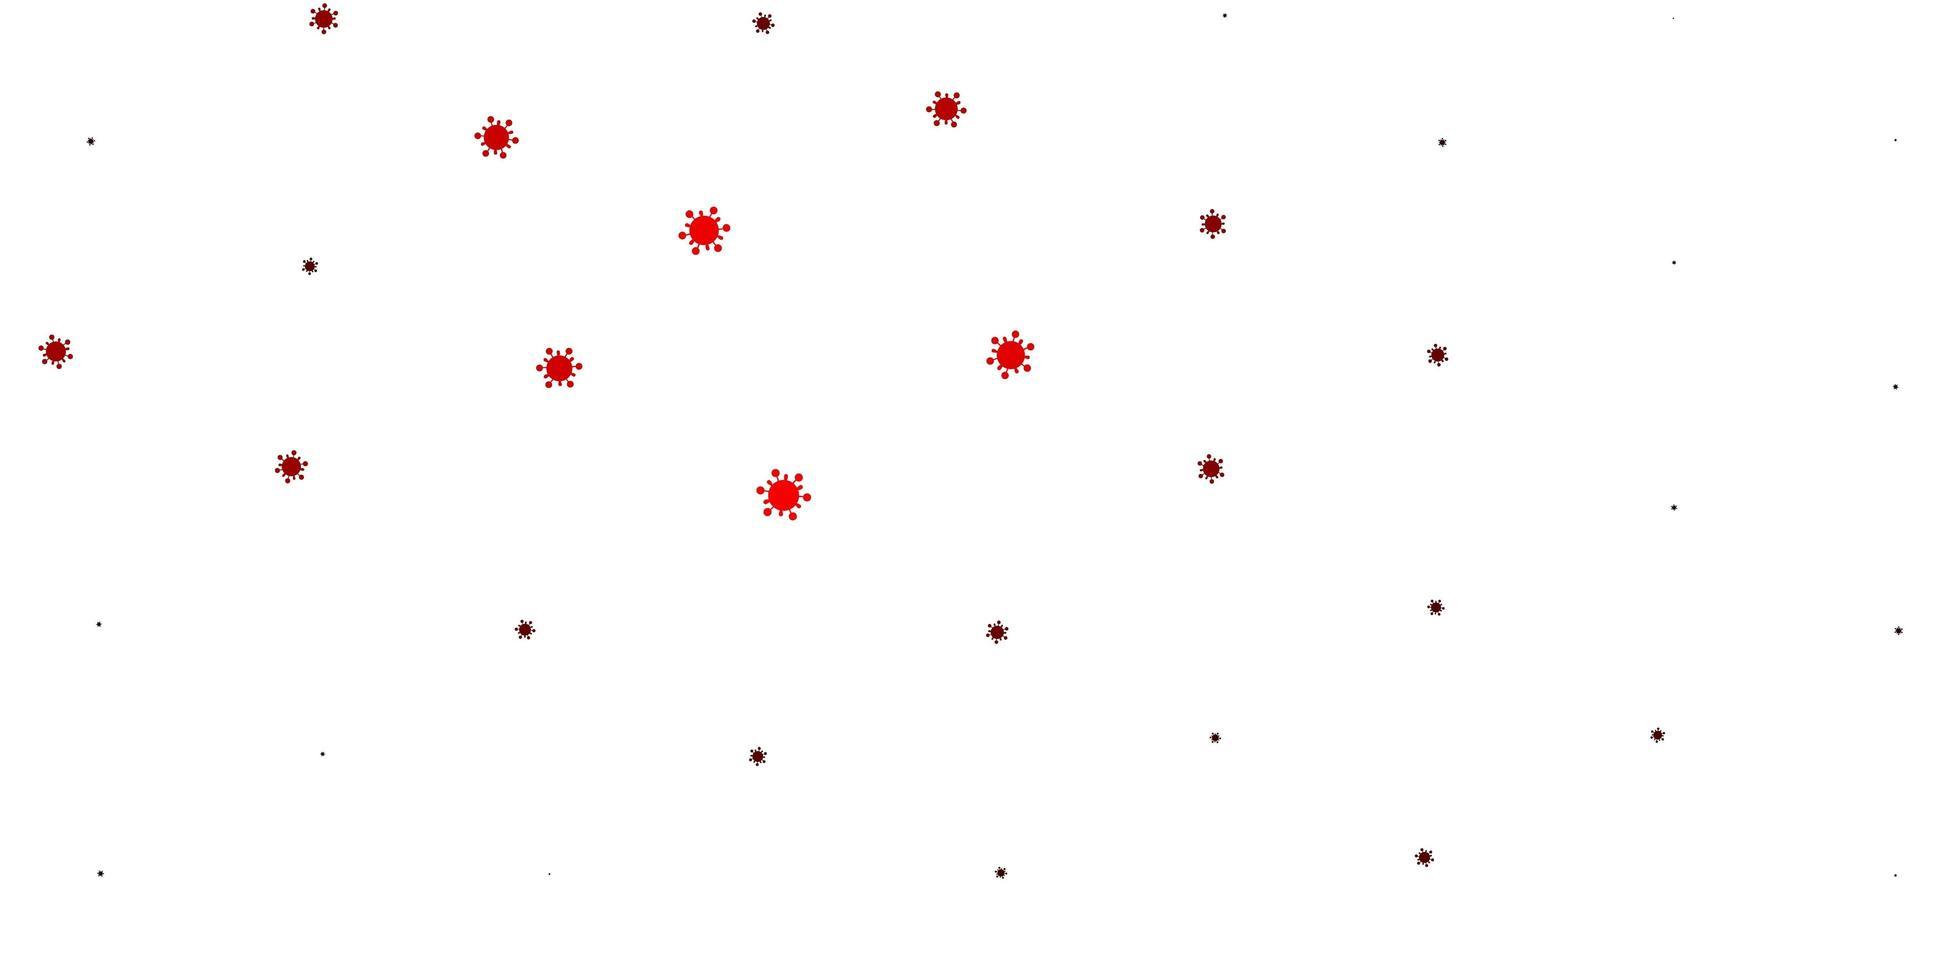 plantilla de color rojo claro con signos de gripe. vector